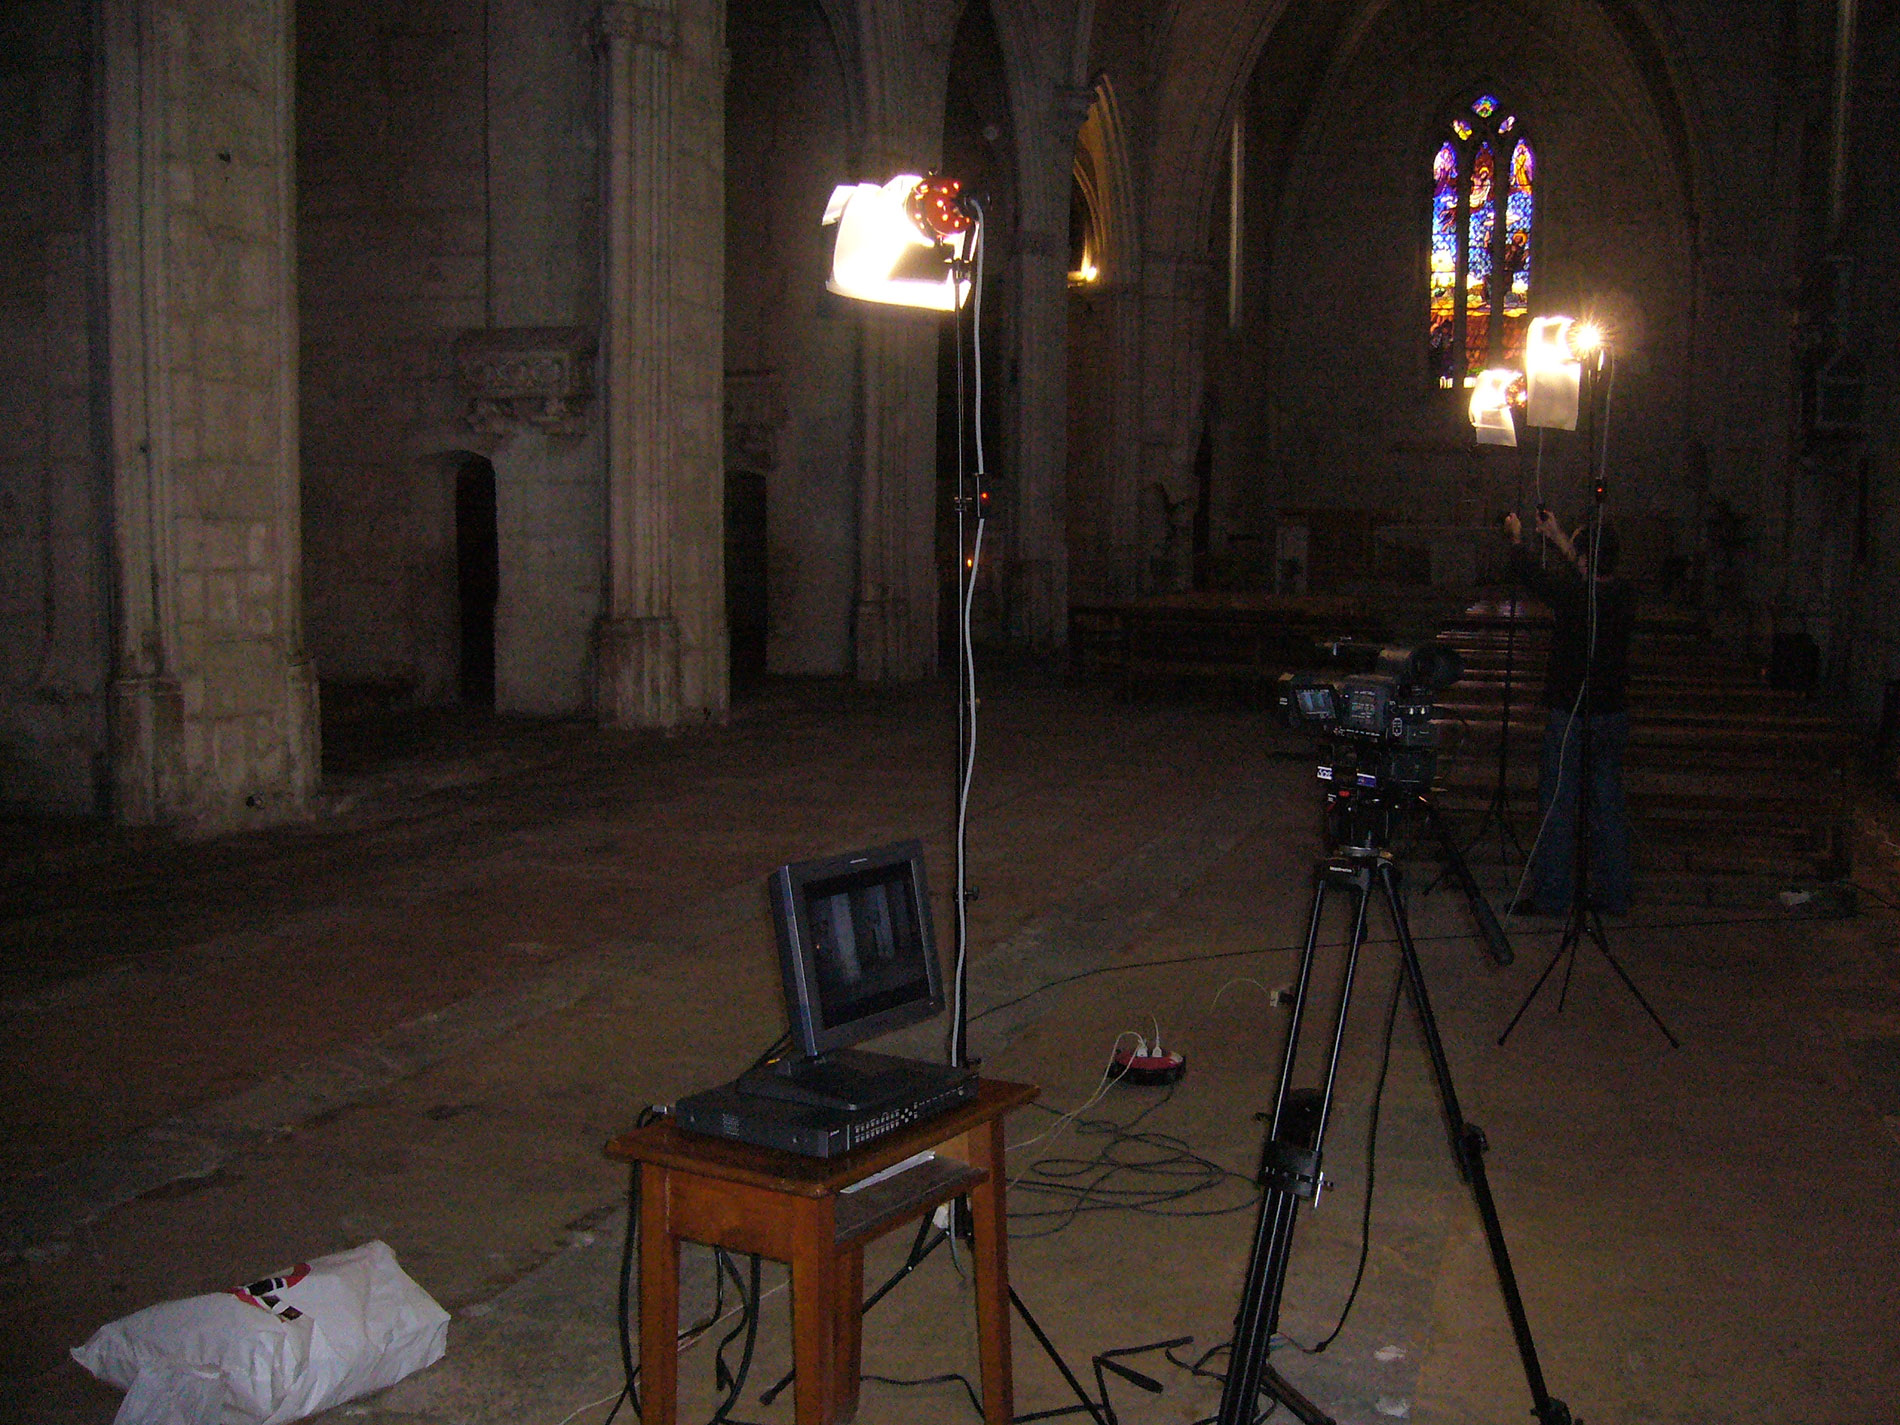 Rodatge a l'església de Sant Francesc de Vilafranca